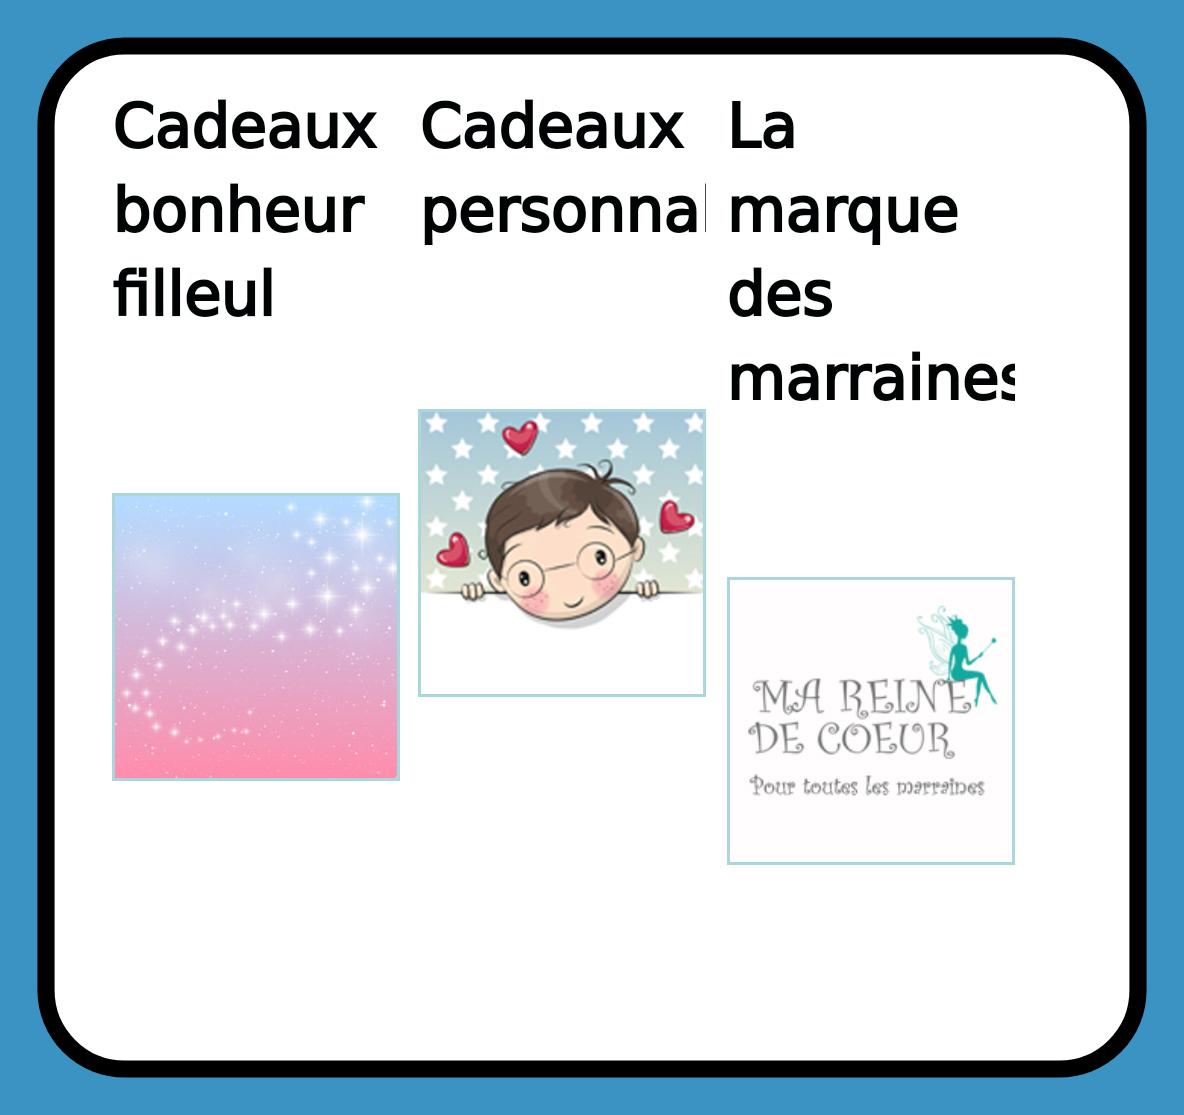 Personnalisé Filleule Poème Cadeau Filleul Filleul Marraine